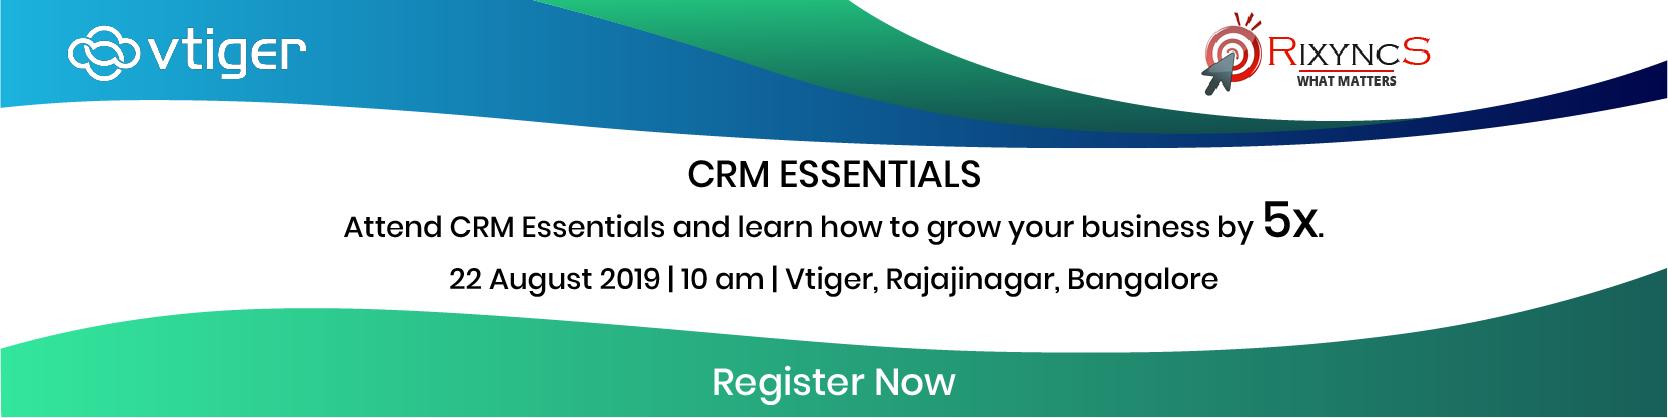 CRM essentials, Vtiger, Rixyncs